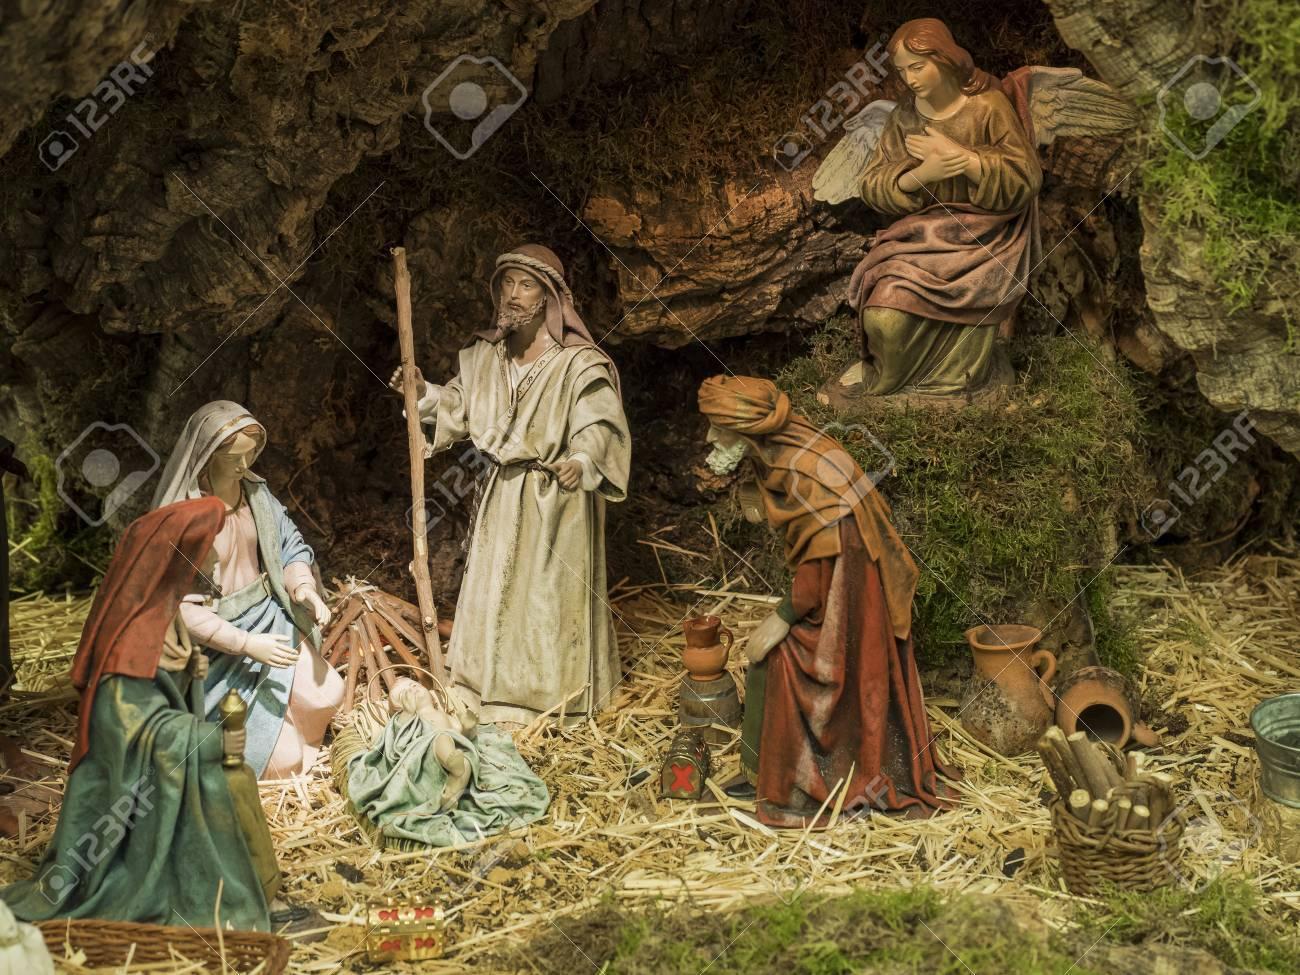 Immagini Natalizie Con Presepe.Presepe Di Natale Con Giuseppe Maria Il Bambino Gesu E I Re D Oriente